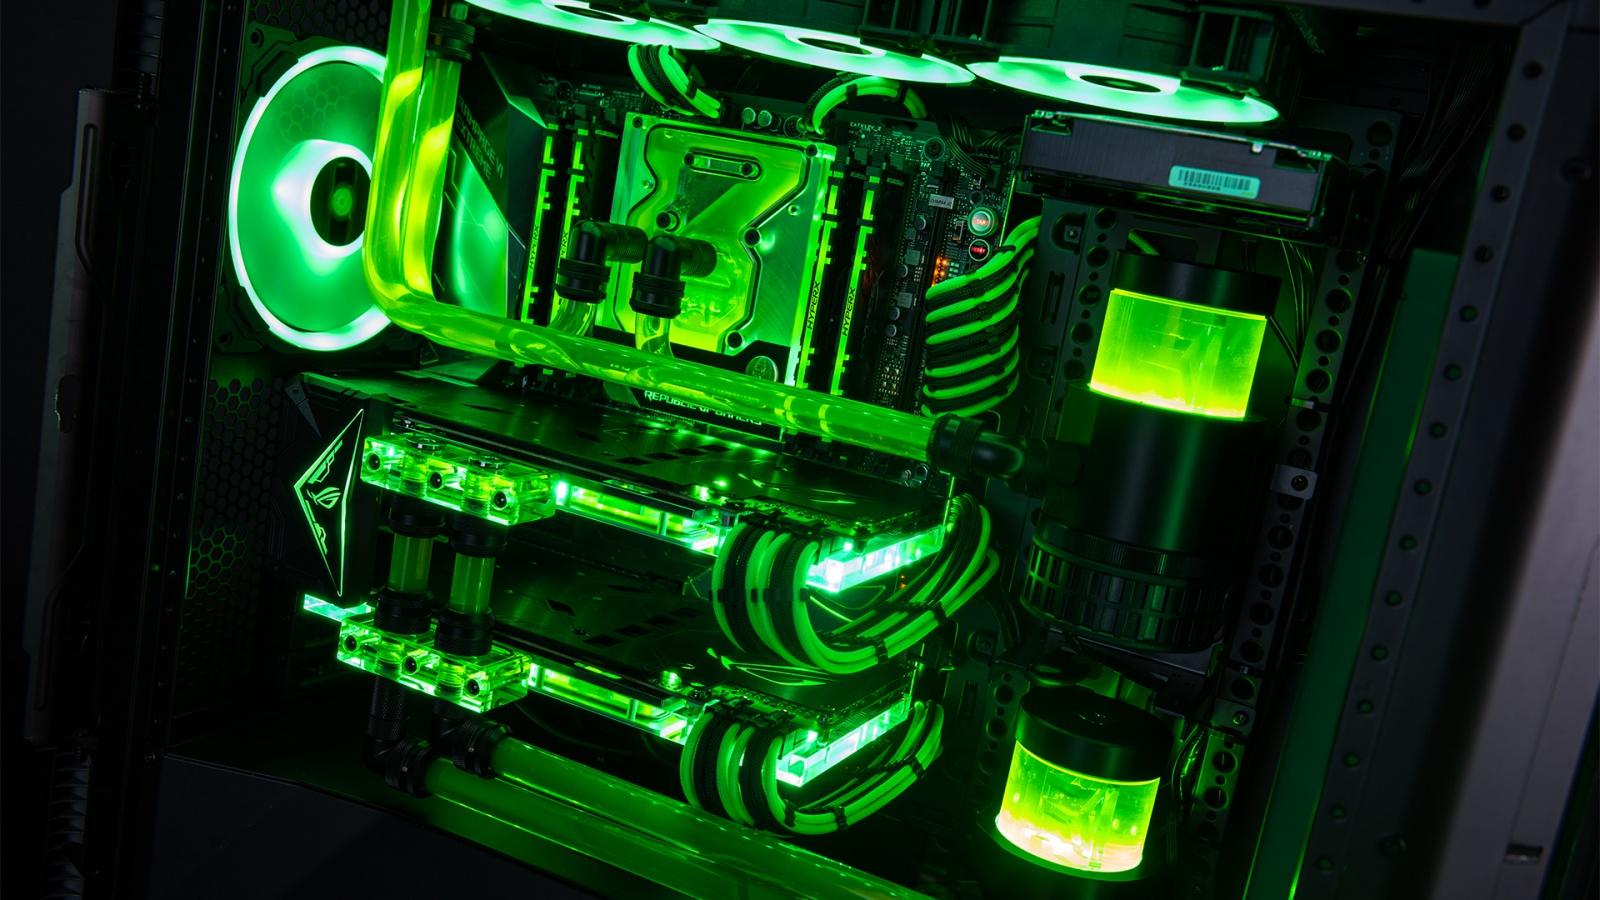 Как производят лучшие компьютеры в России? Интервью с Артёмом Смирновым из HYPERPC - 10